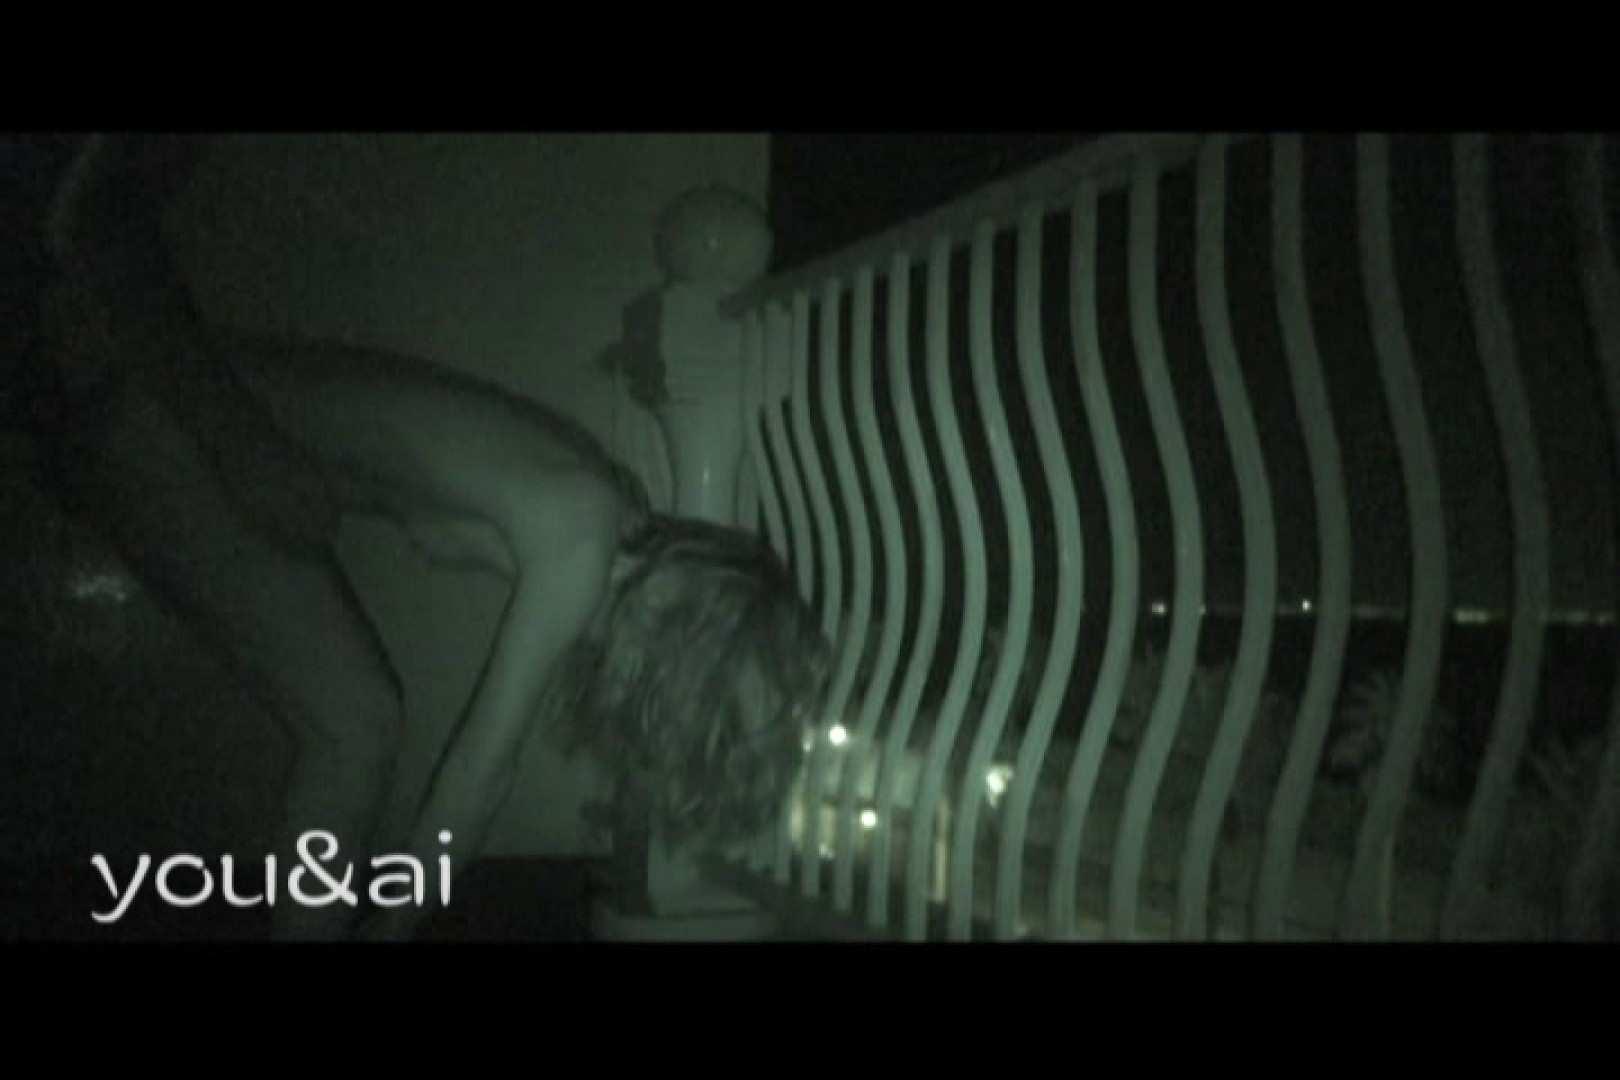 おしどり夫婦のyou&aiさん投稿作品vol.12 ホテル すけべAV動画紹介 86pic 75